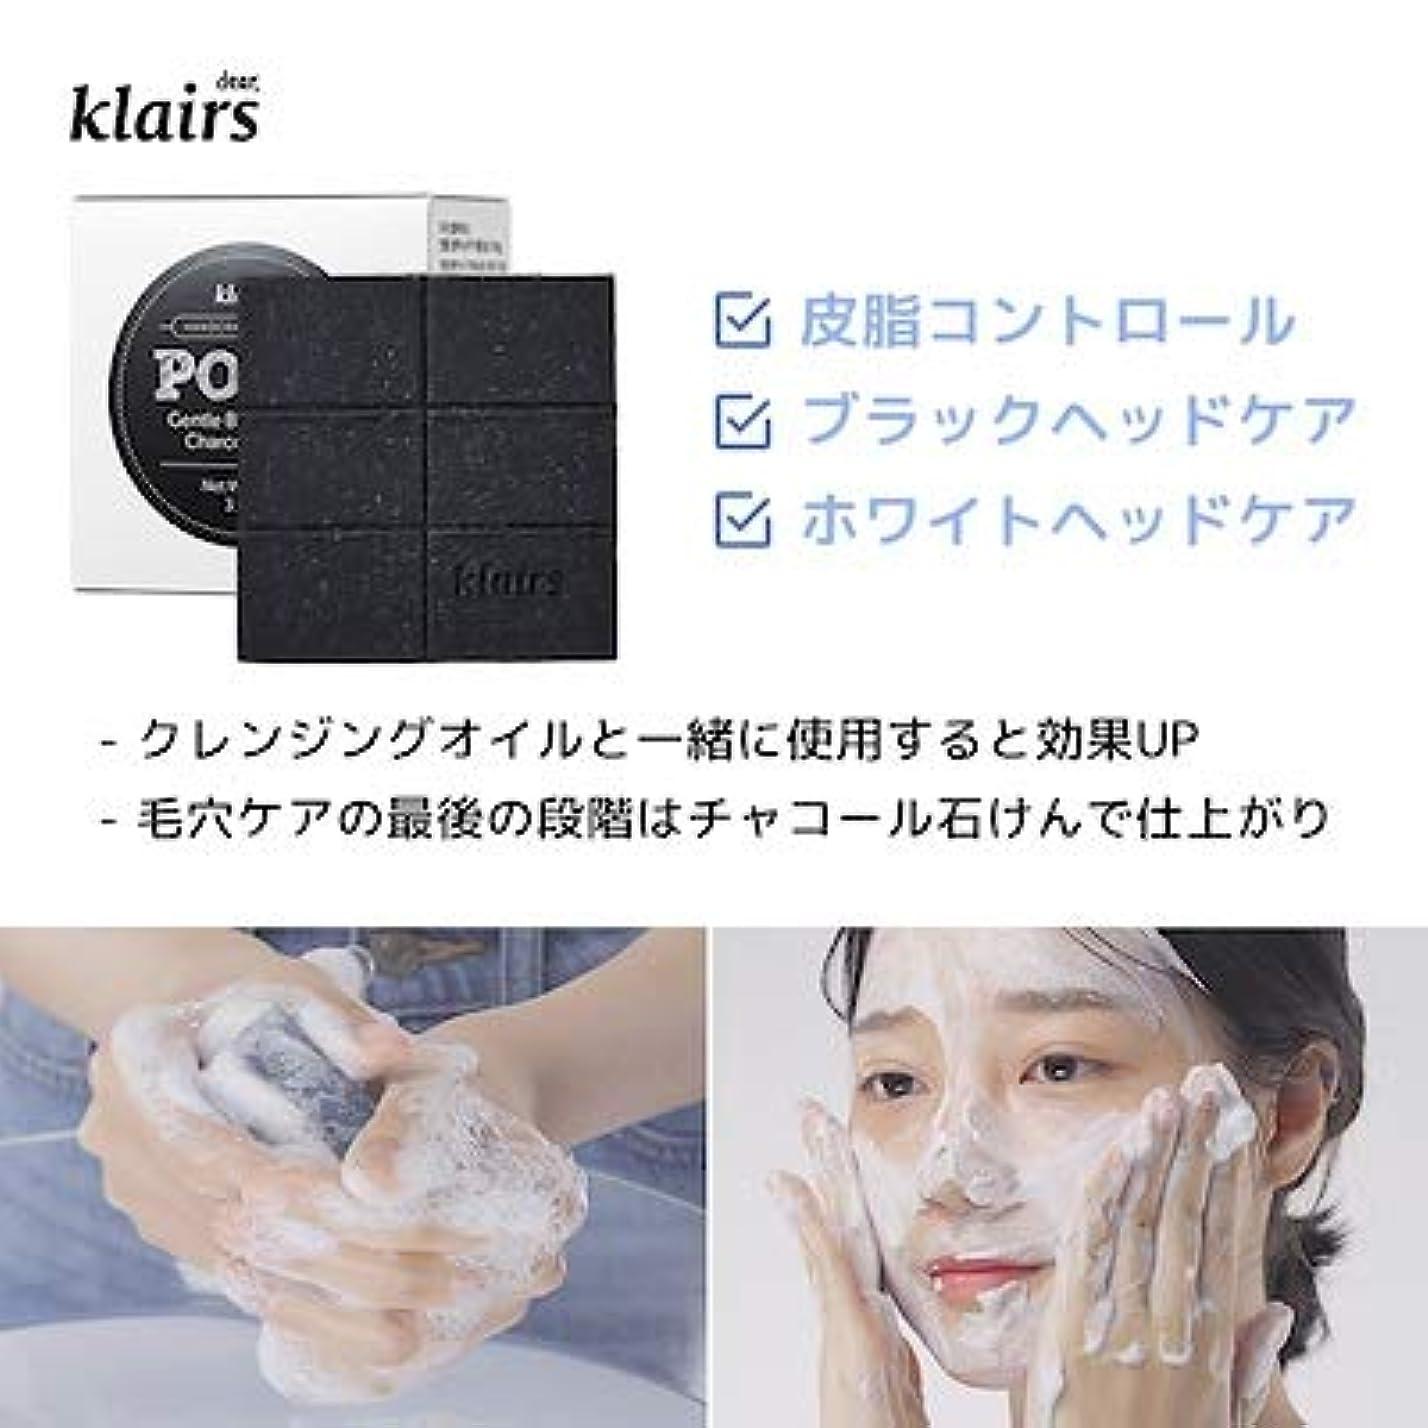 成熟したテキスト連結するKLAIRS(クレアズ) ジェントルブラックシュガーチャコール石けん, Gentle Black Sugar Charcol Soap 120g [並行輸入品]